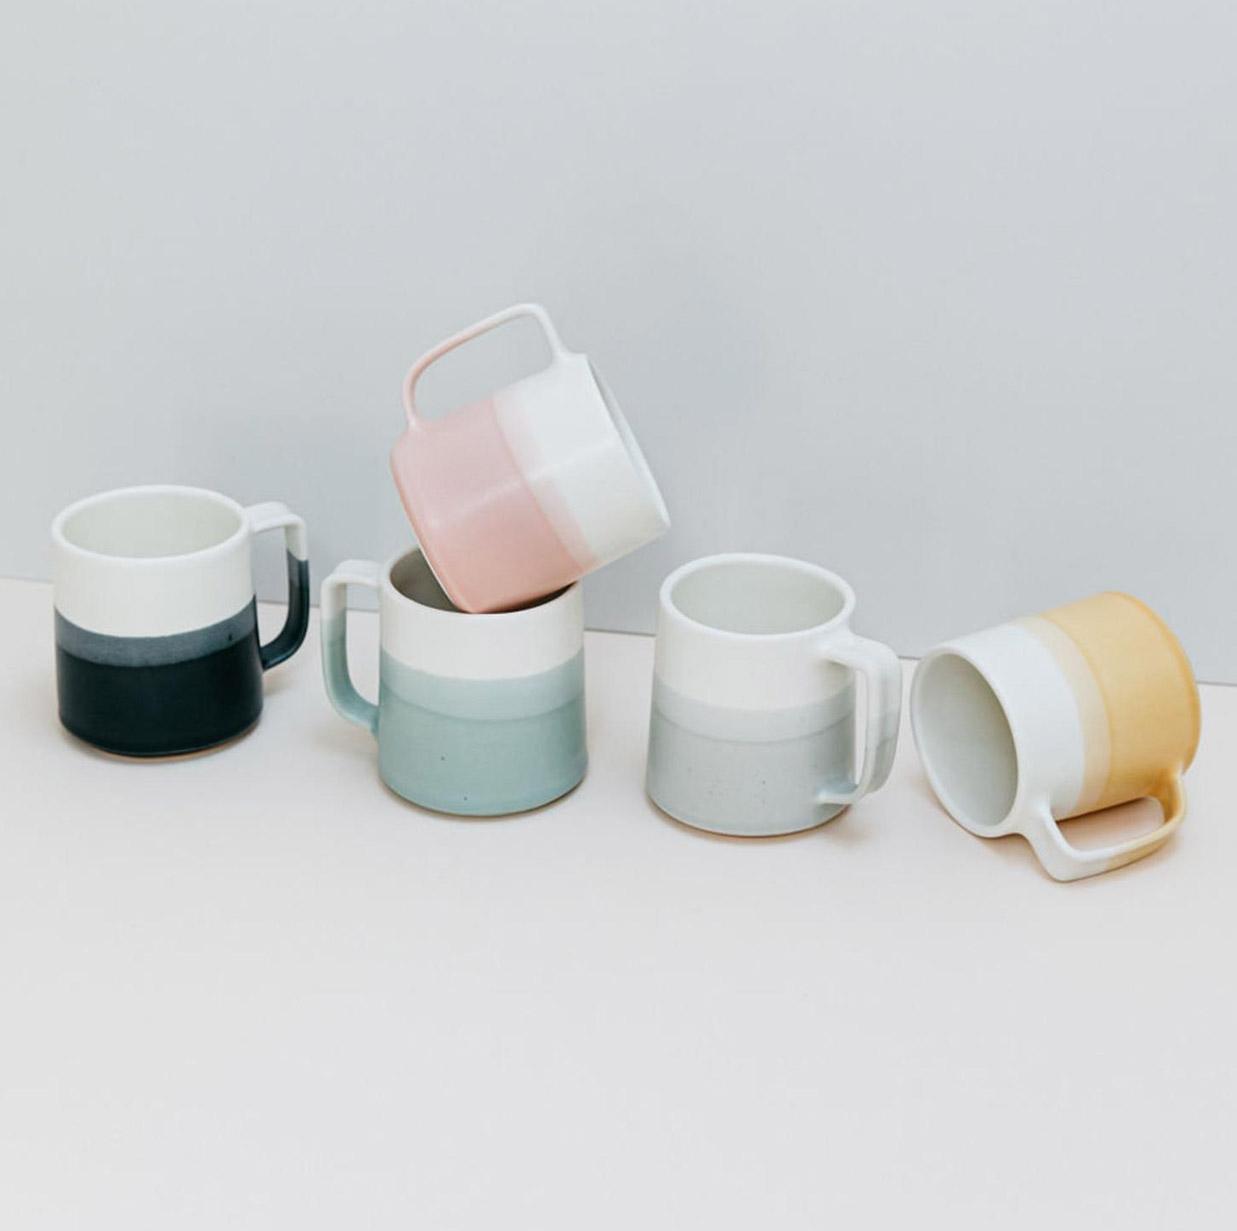 dip dyed mugs